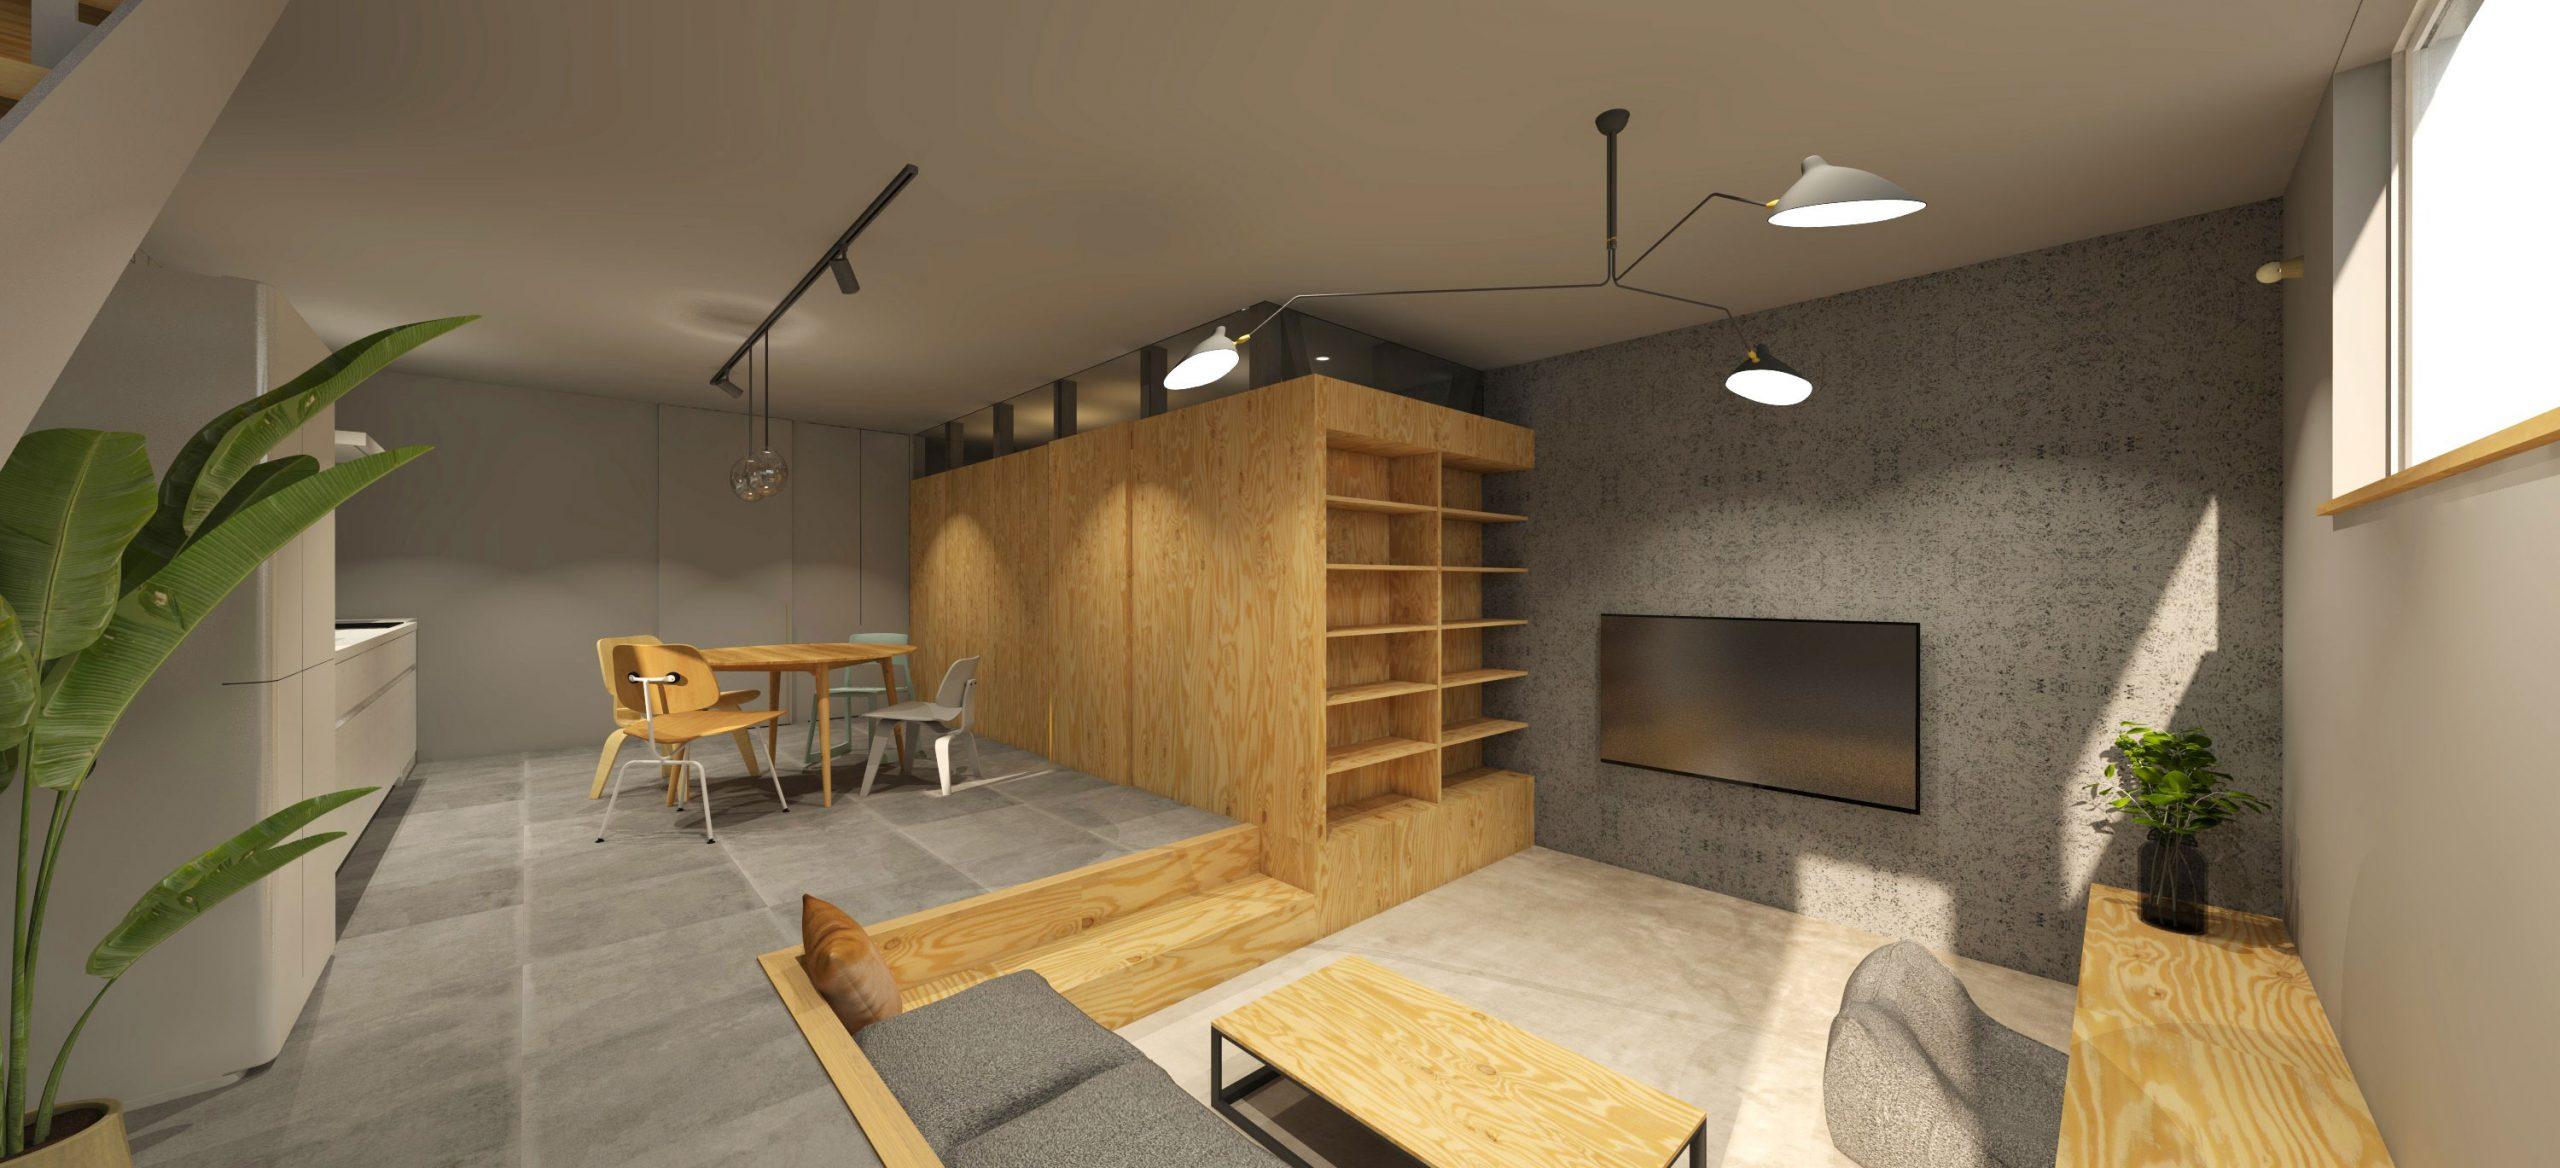 湯梨浜の家|atelier thu